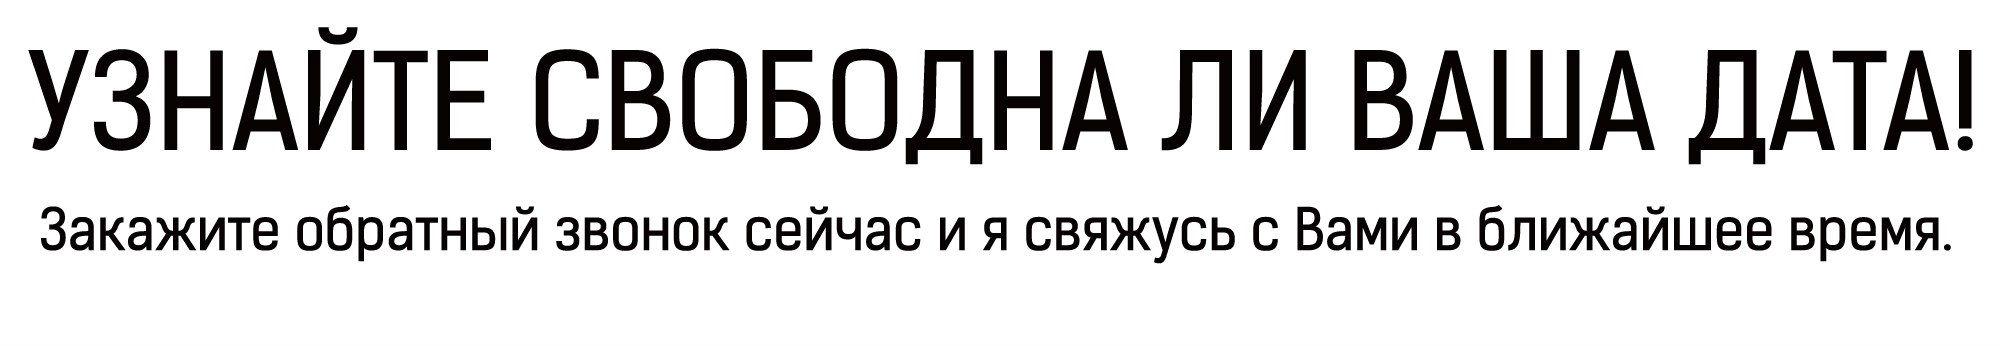 +7 937 727 25 75 Павел Июльский - Ведущий на свадьбу, юбилей – любое мероприятие в Волгограде